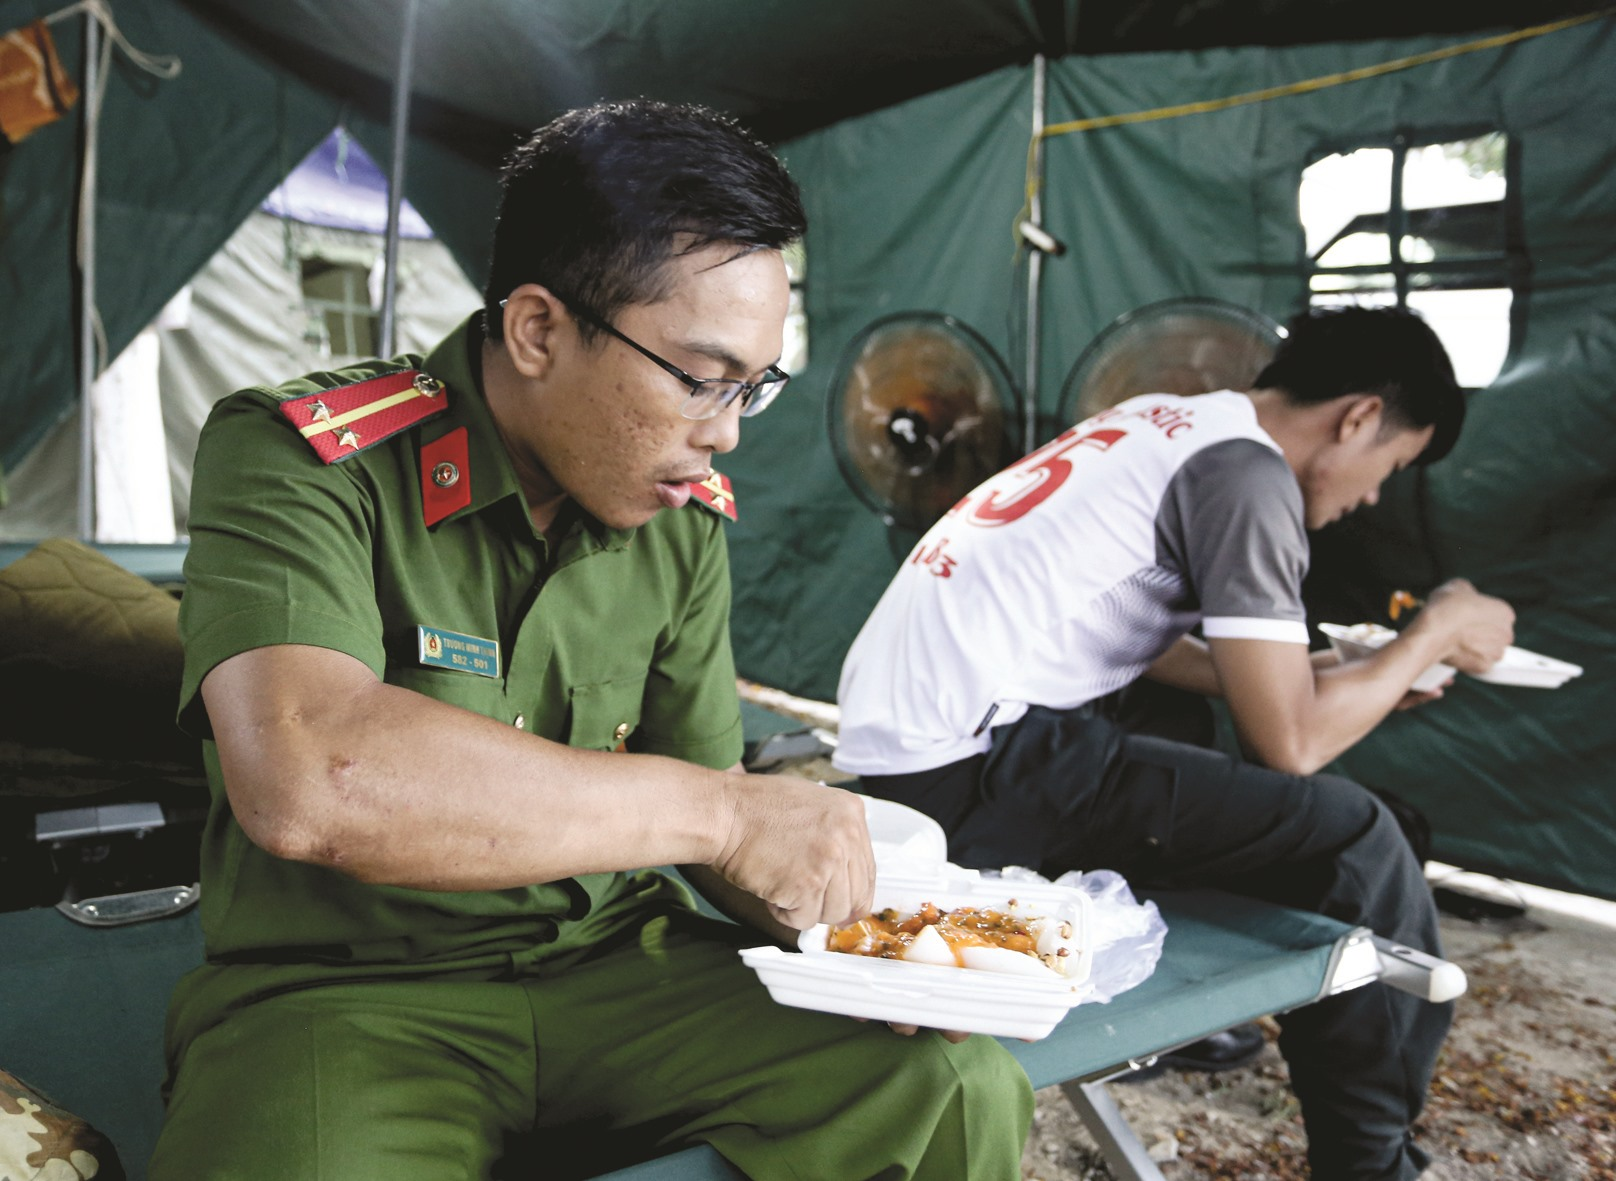 Bữa ăn vội vã trong lán trại của các chiến sĩ Cảnh sát cơ động (Công an tỉnh).Ảnh: SƠN THỦY